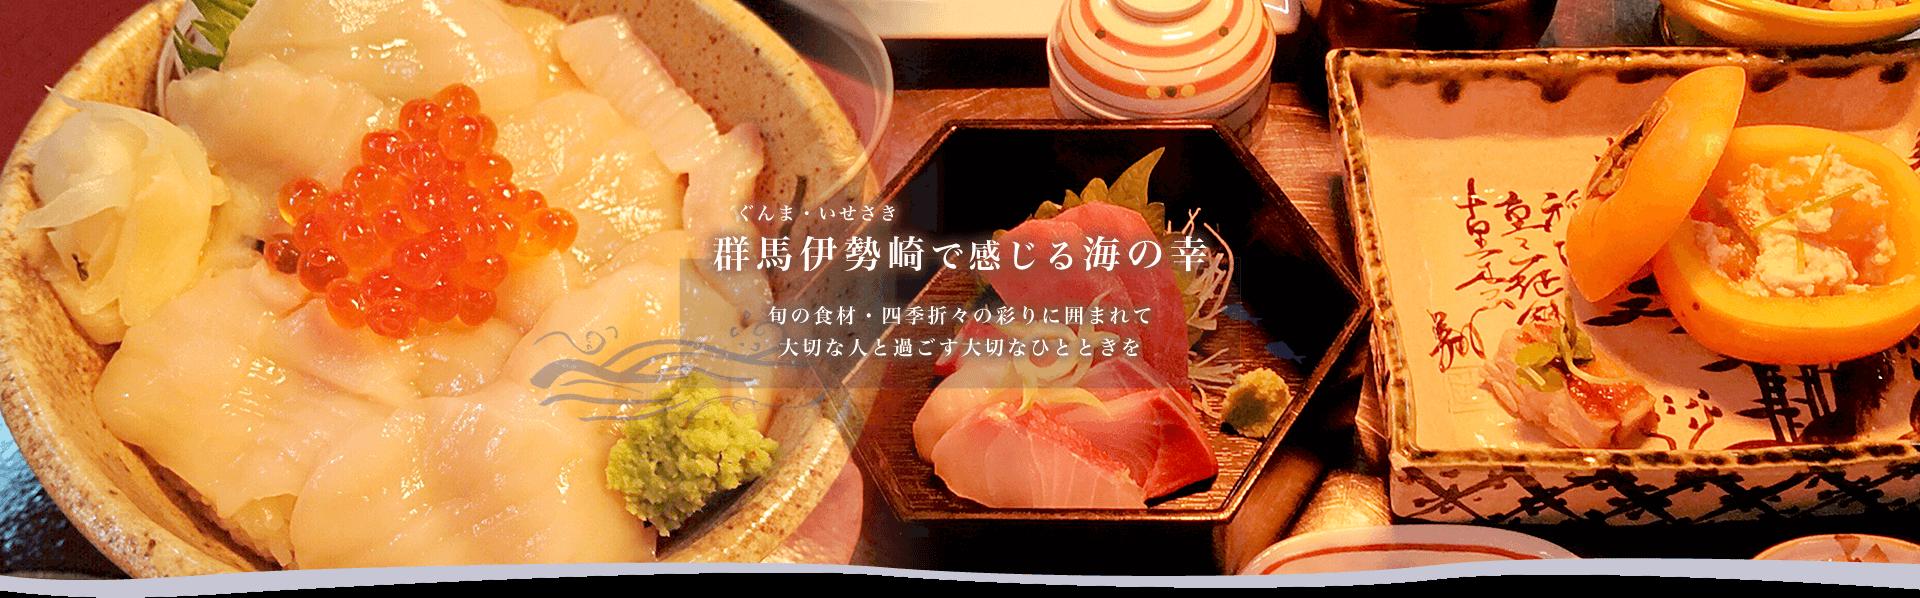 旬の食材・創作料理すわ 魚や大水